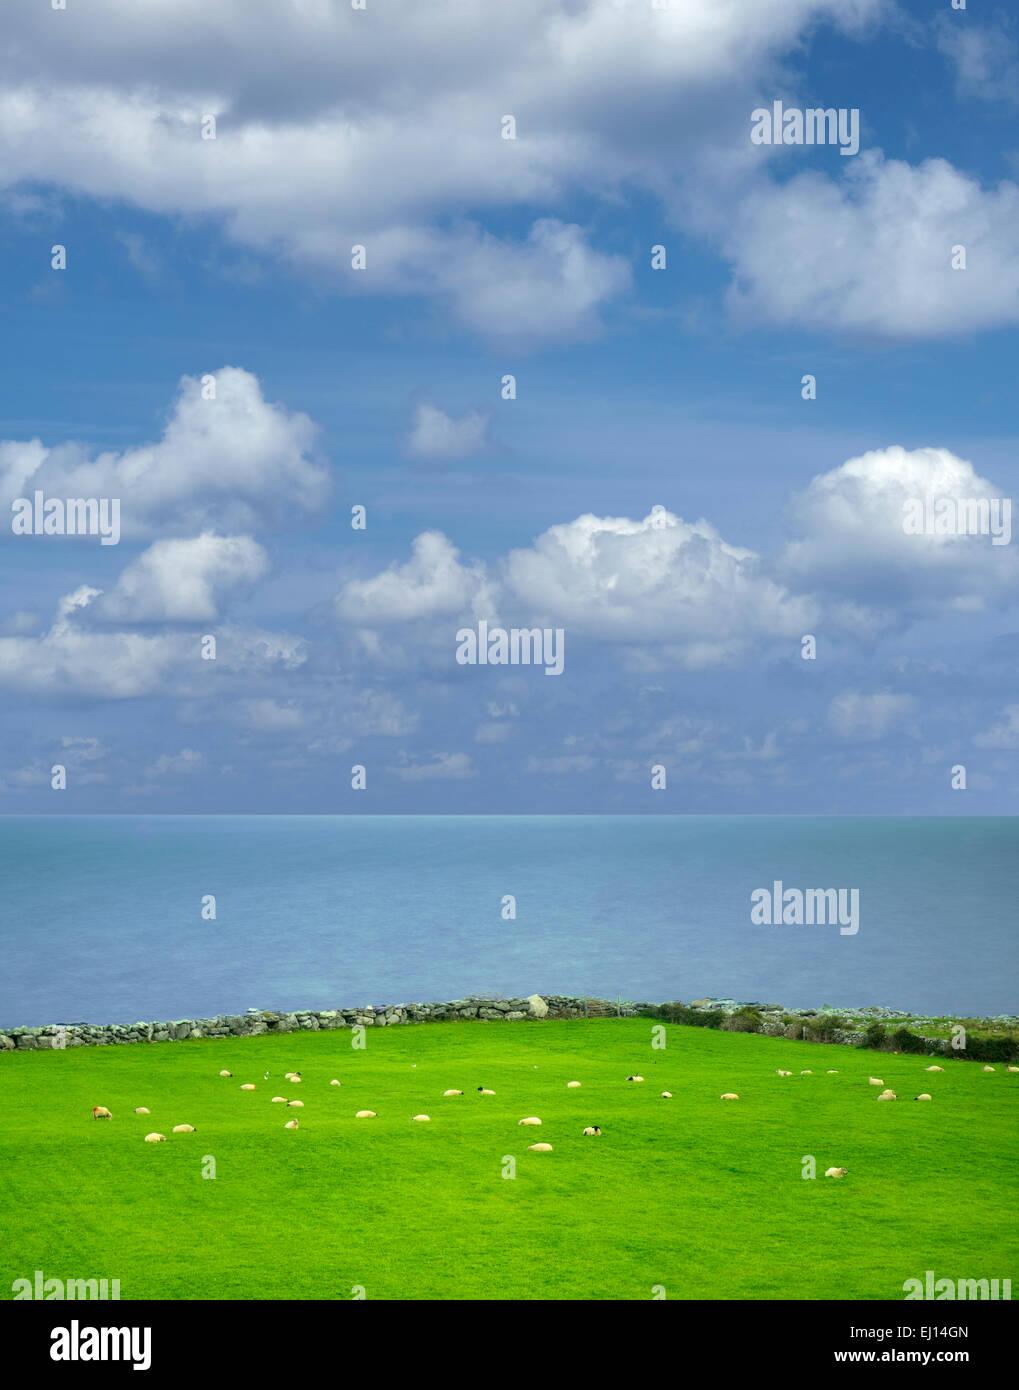 Sheep in pasture with ocean. Galway Bay, Black Head, The Burren, Ireland - Stock Image